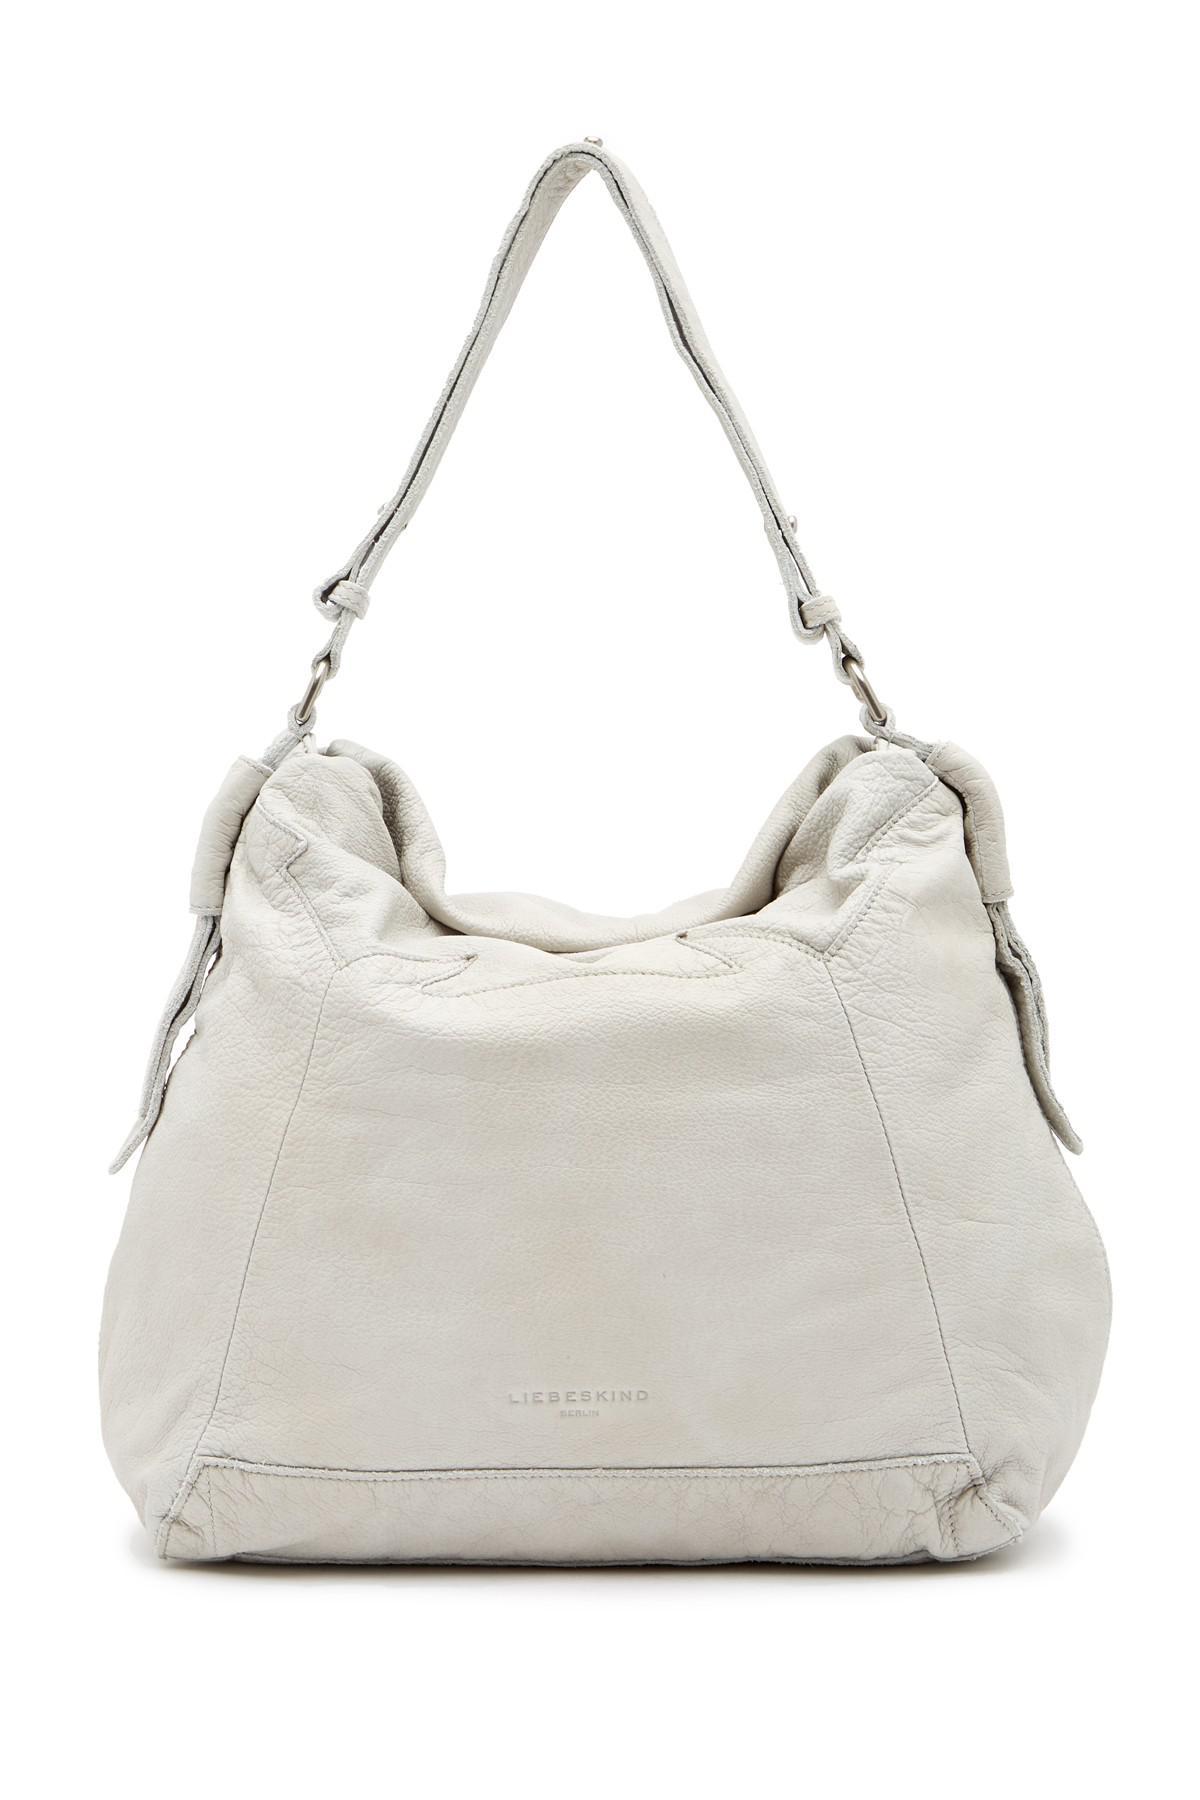 Lyst - Liebeskind Berlin Medea Double-dye Leather Hobo Bag in Gray 81e16a8bae201